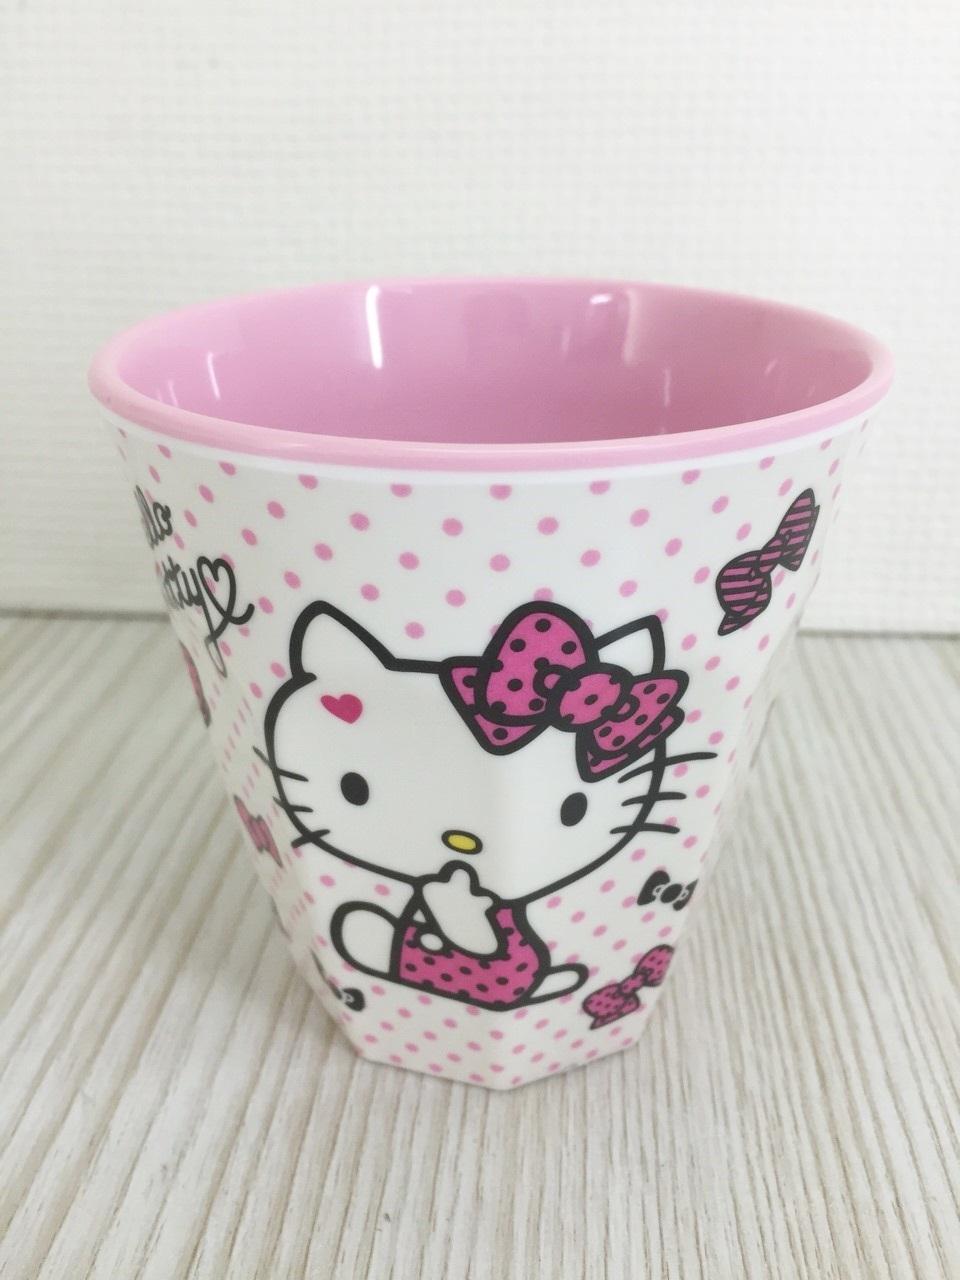 【真愛日本】15120100011格紋水杯-多結粉 三麗鷗 Hello Kitty 凱蒂貓   杯子  水杯 漱口杯